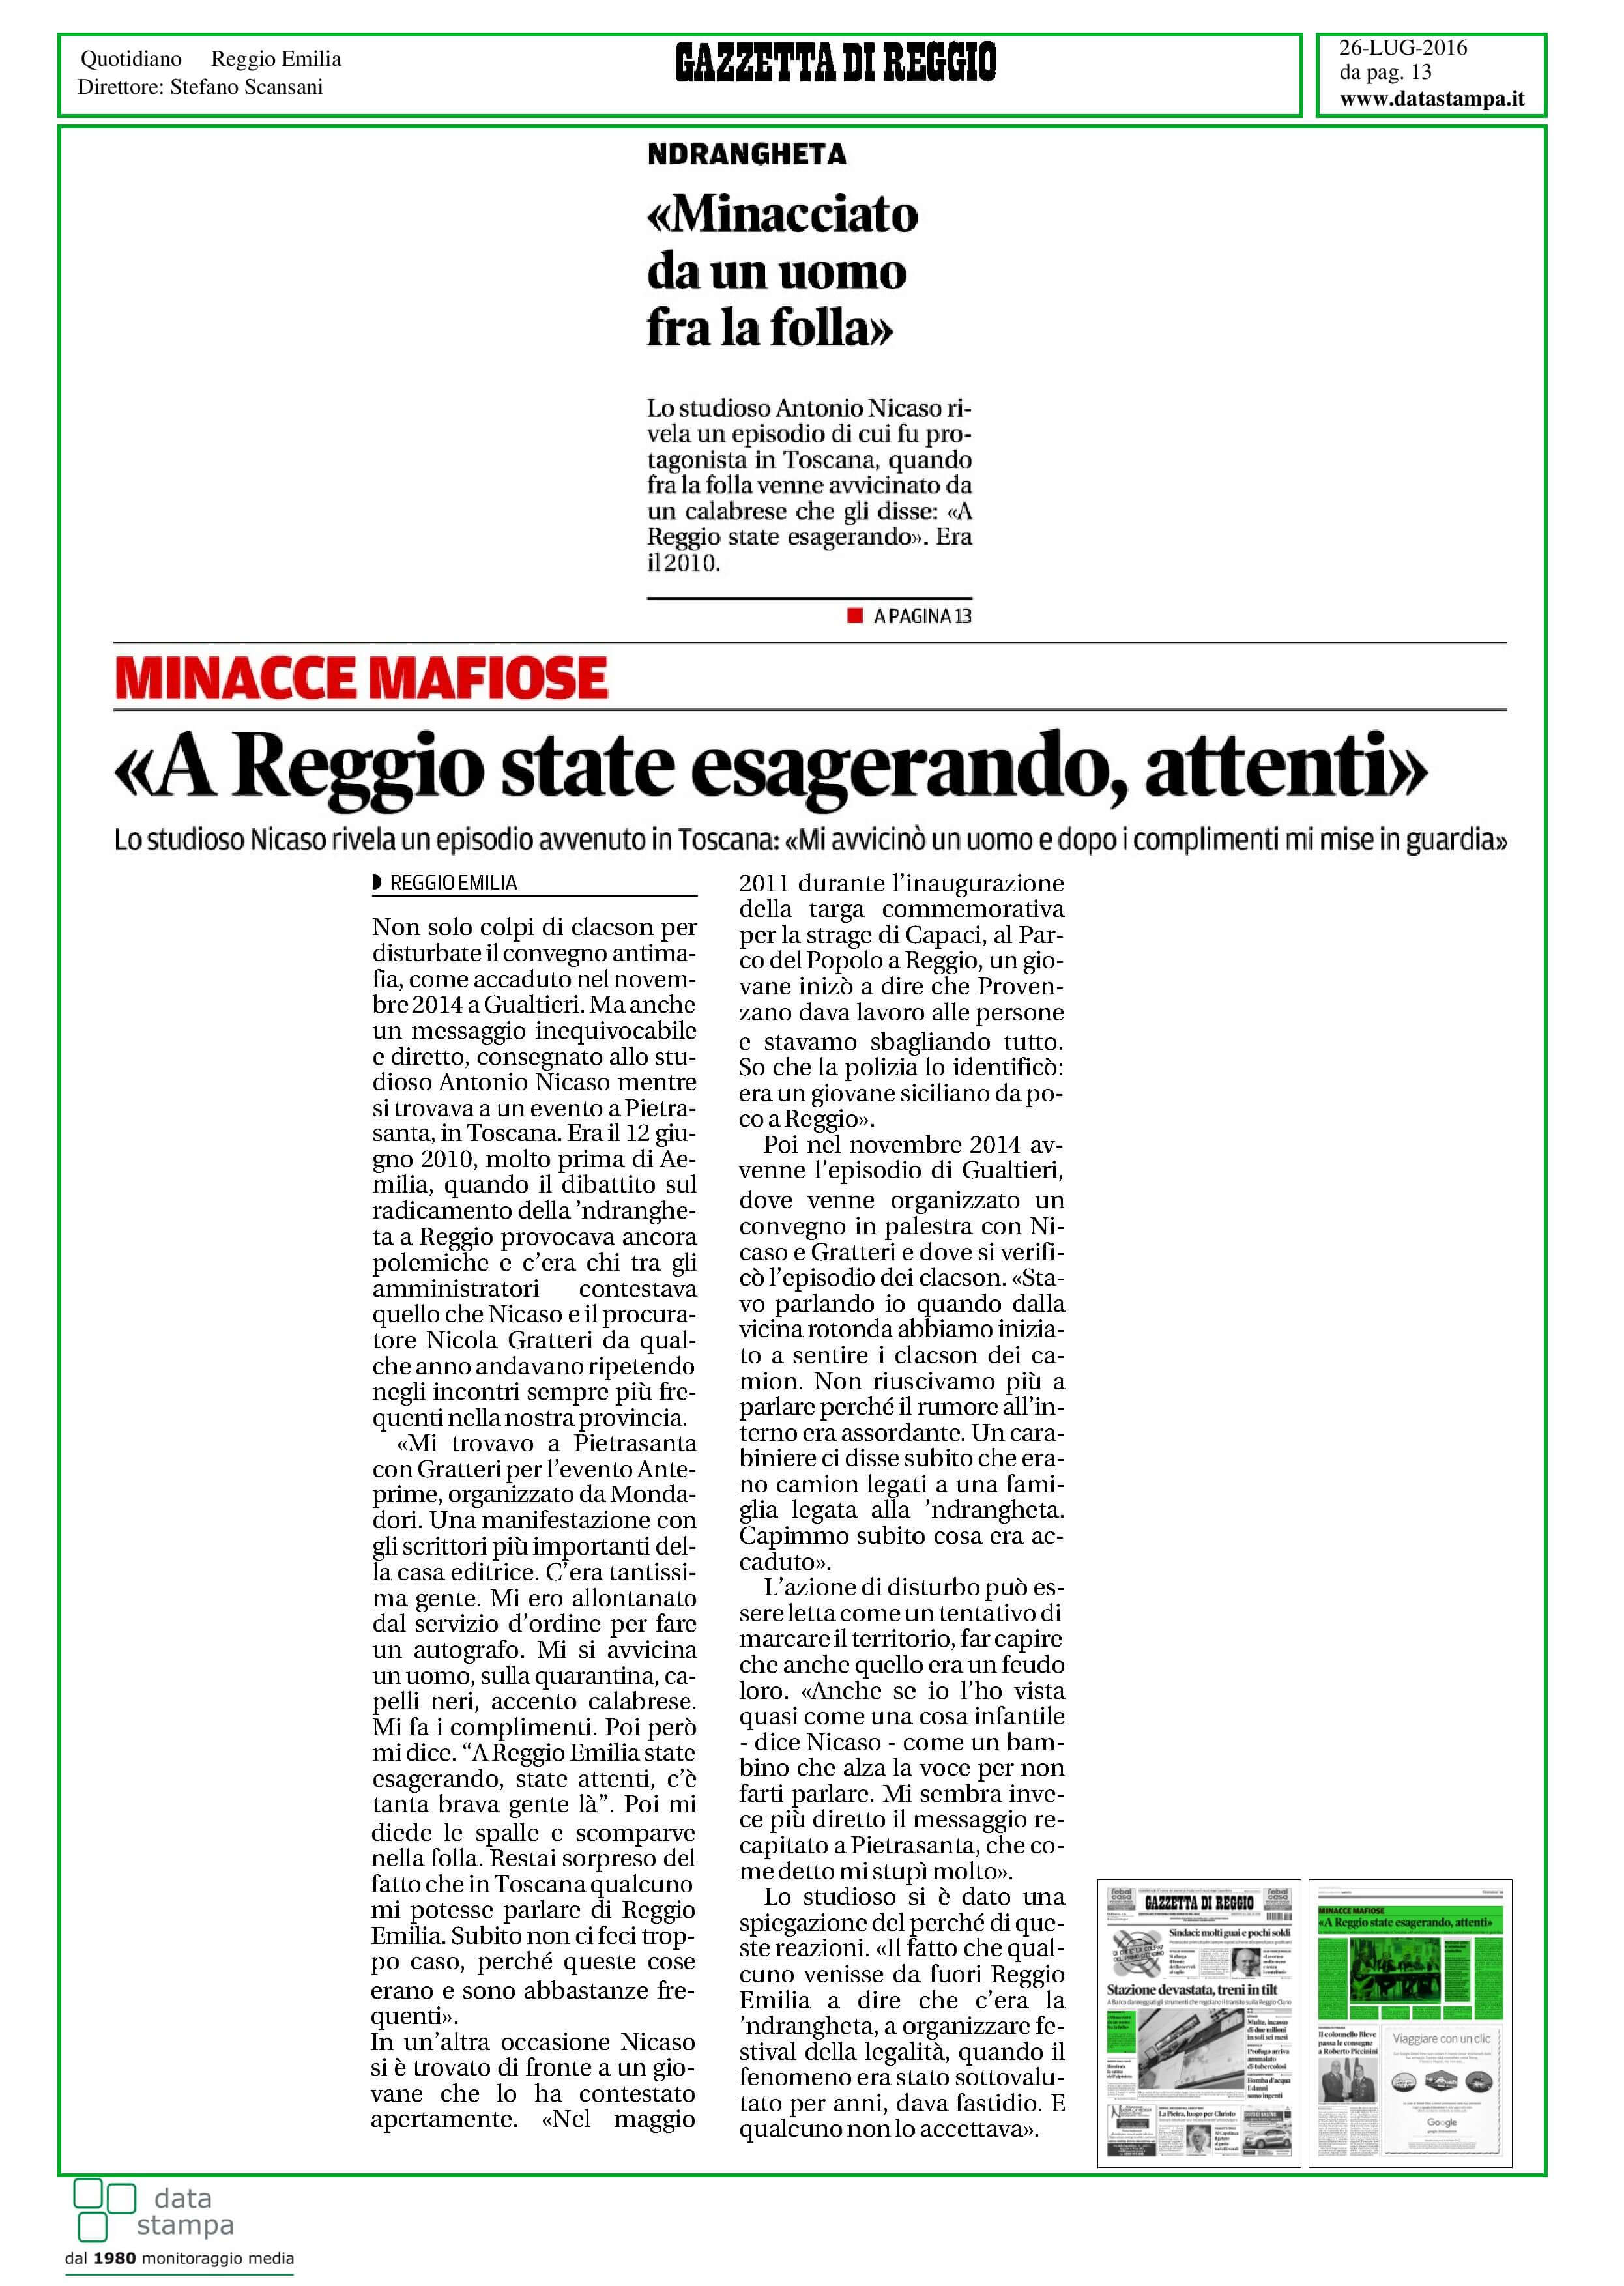 minacce-mafiose-page-001